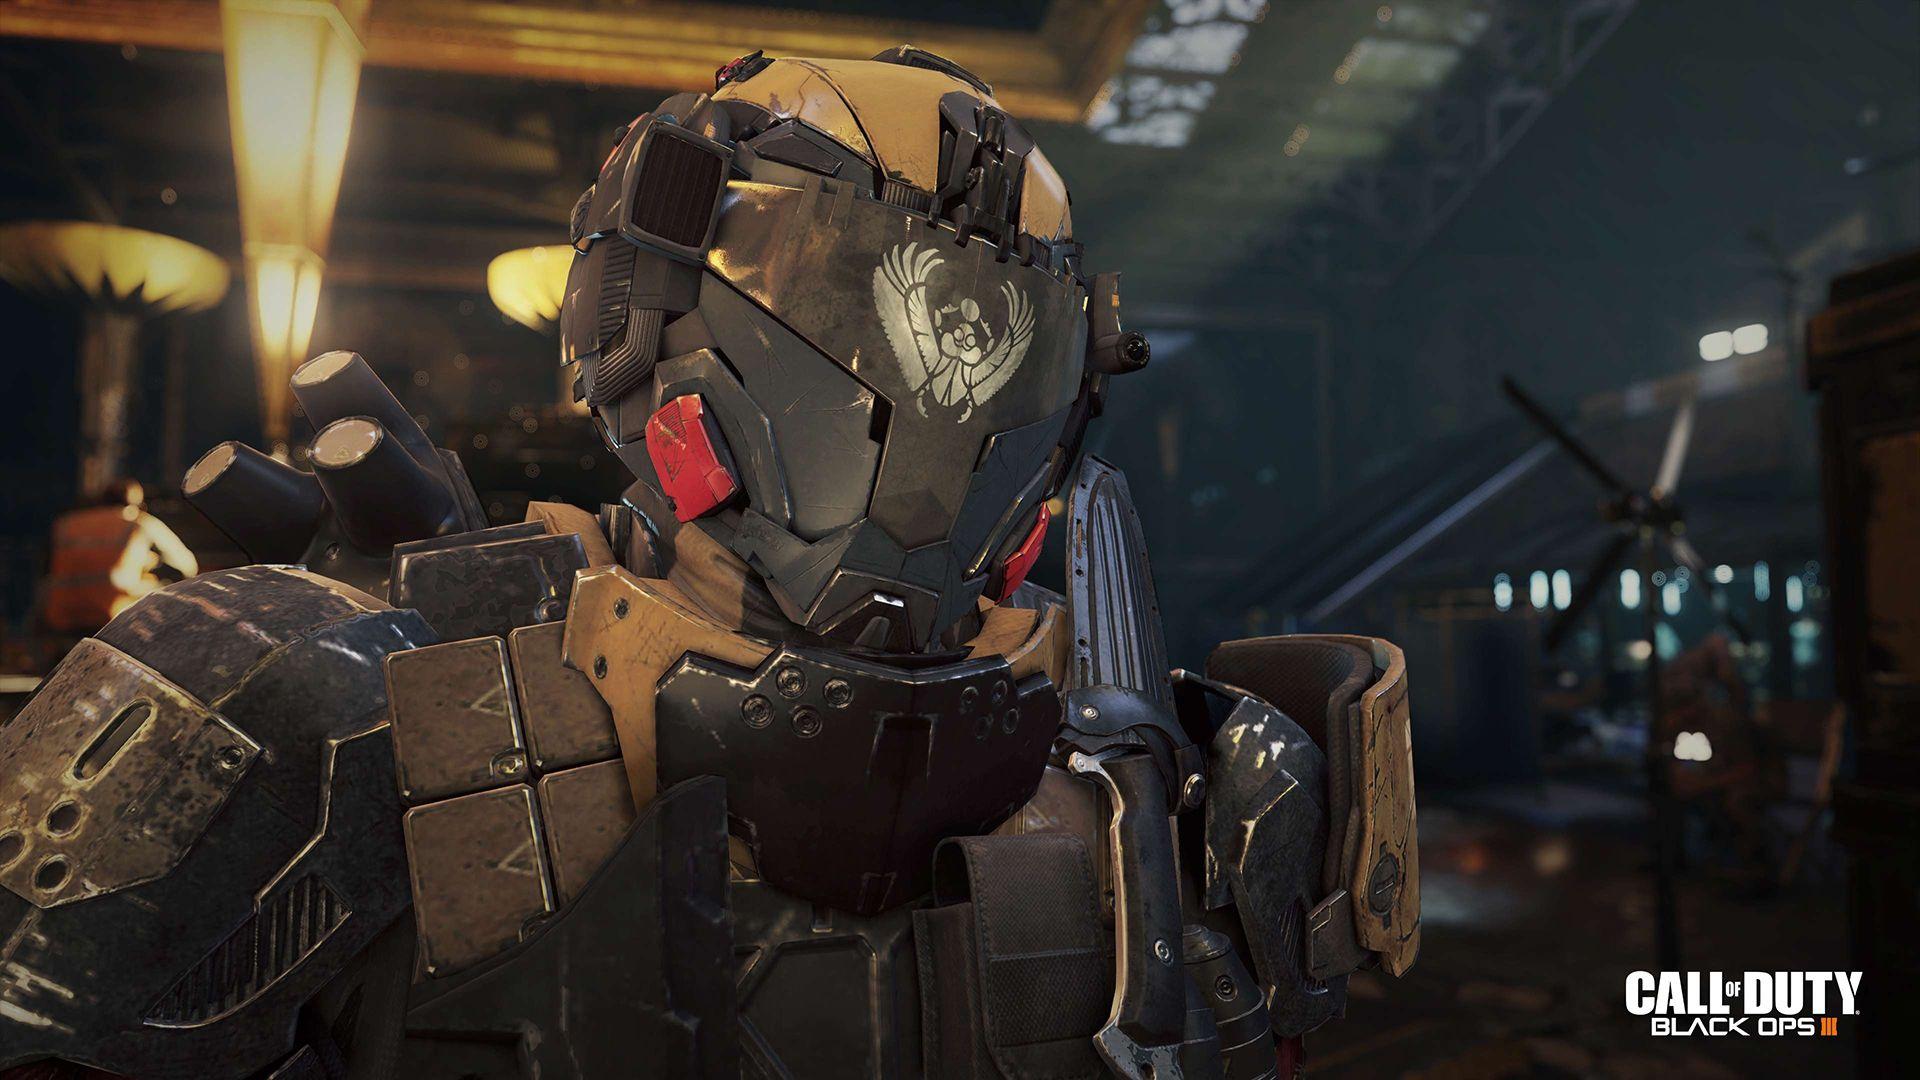 Call of Duty: Black Ops III (Xbox One) - 5